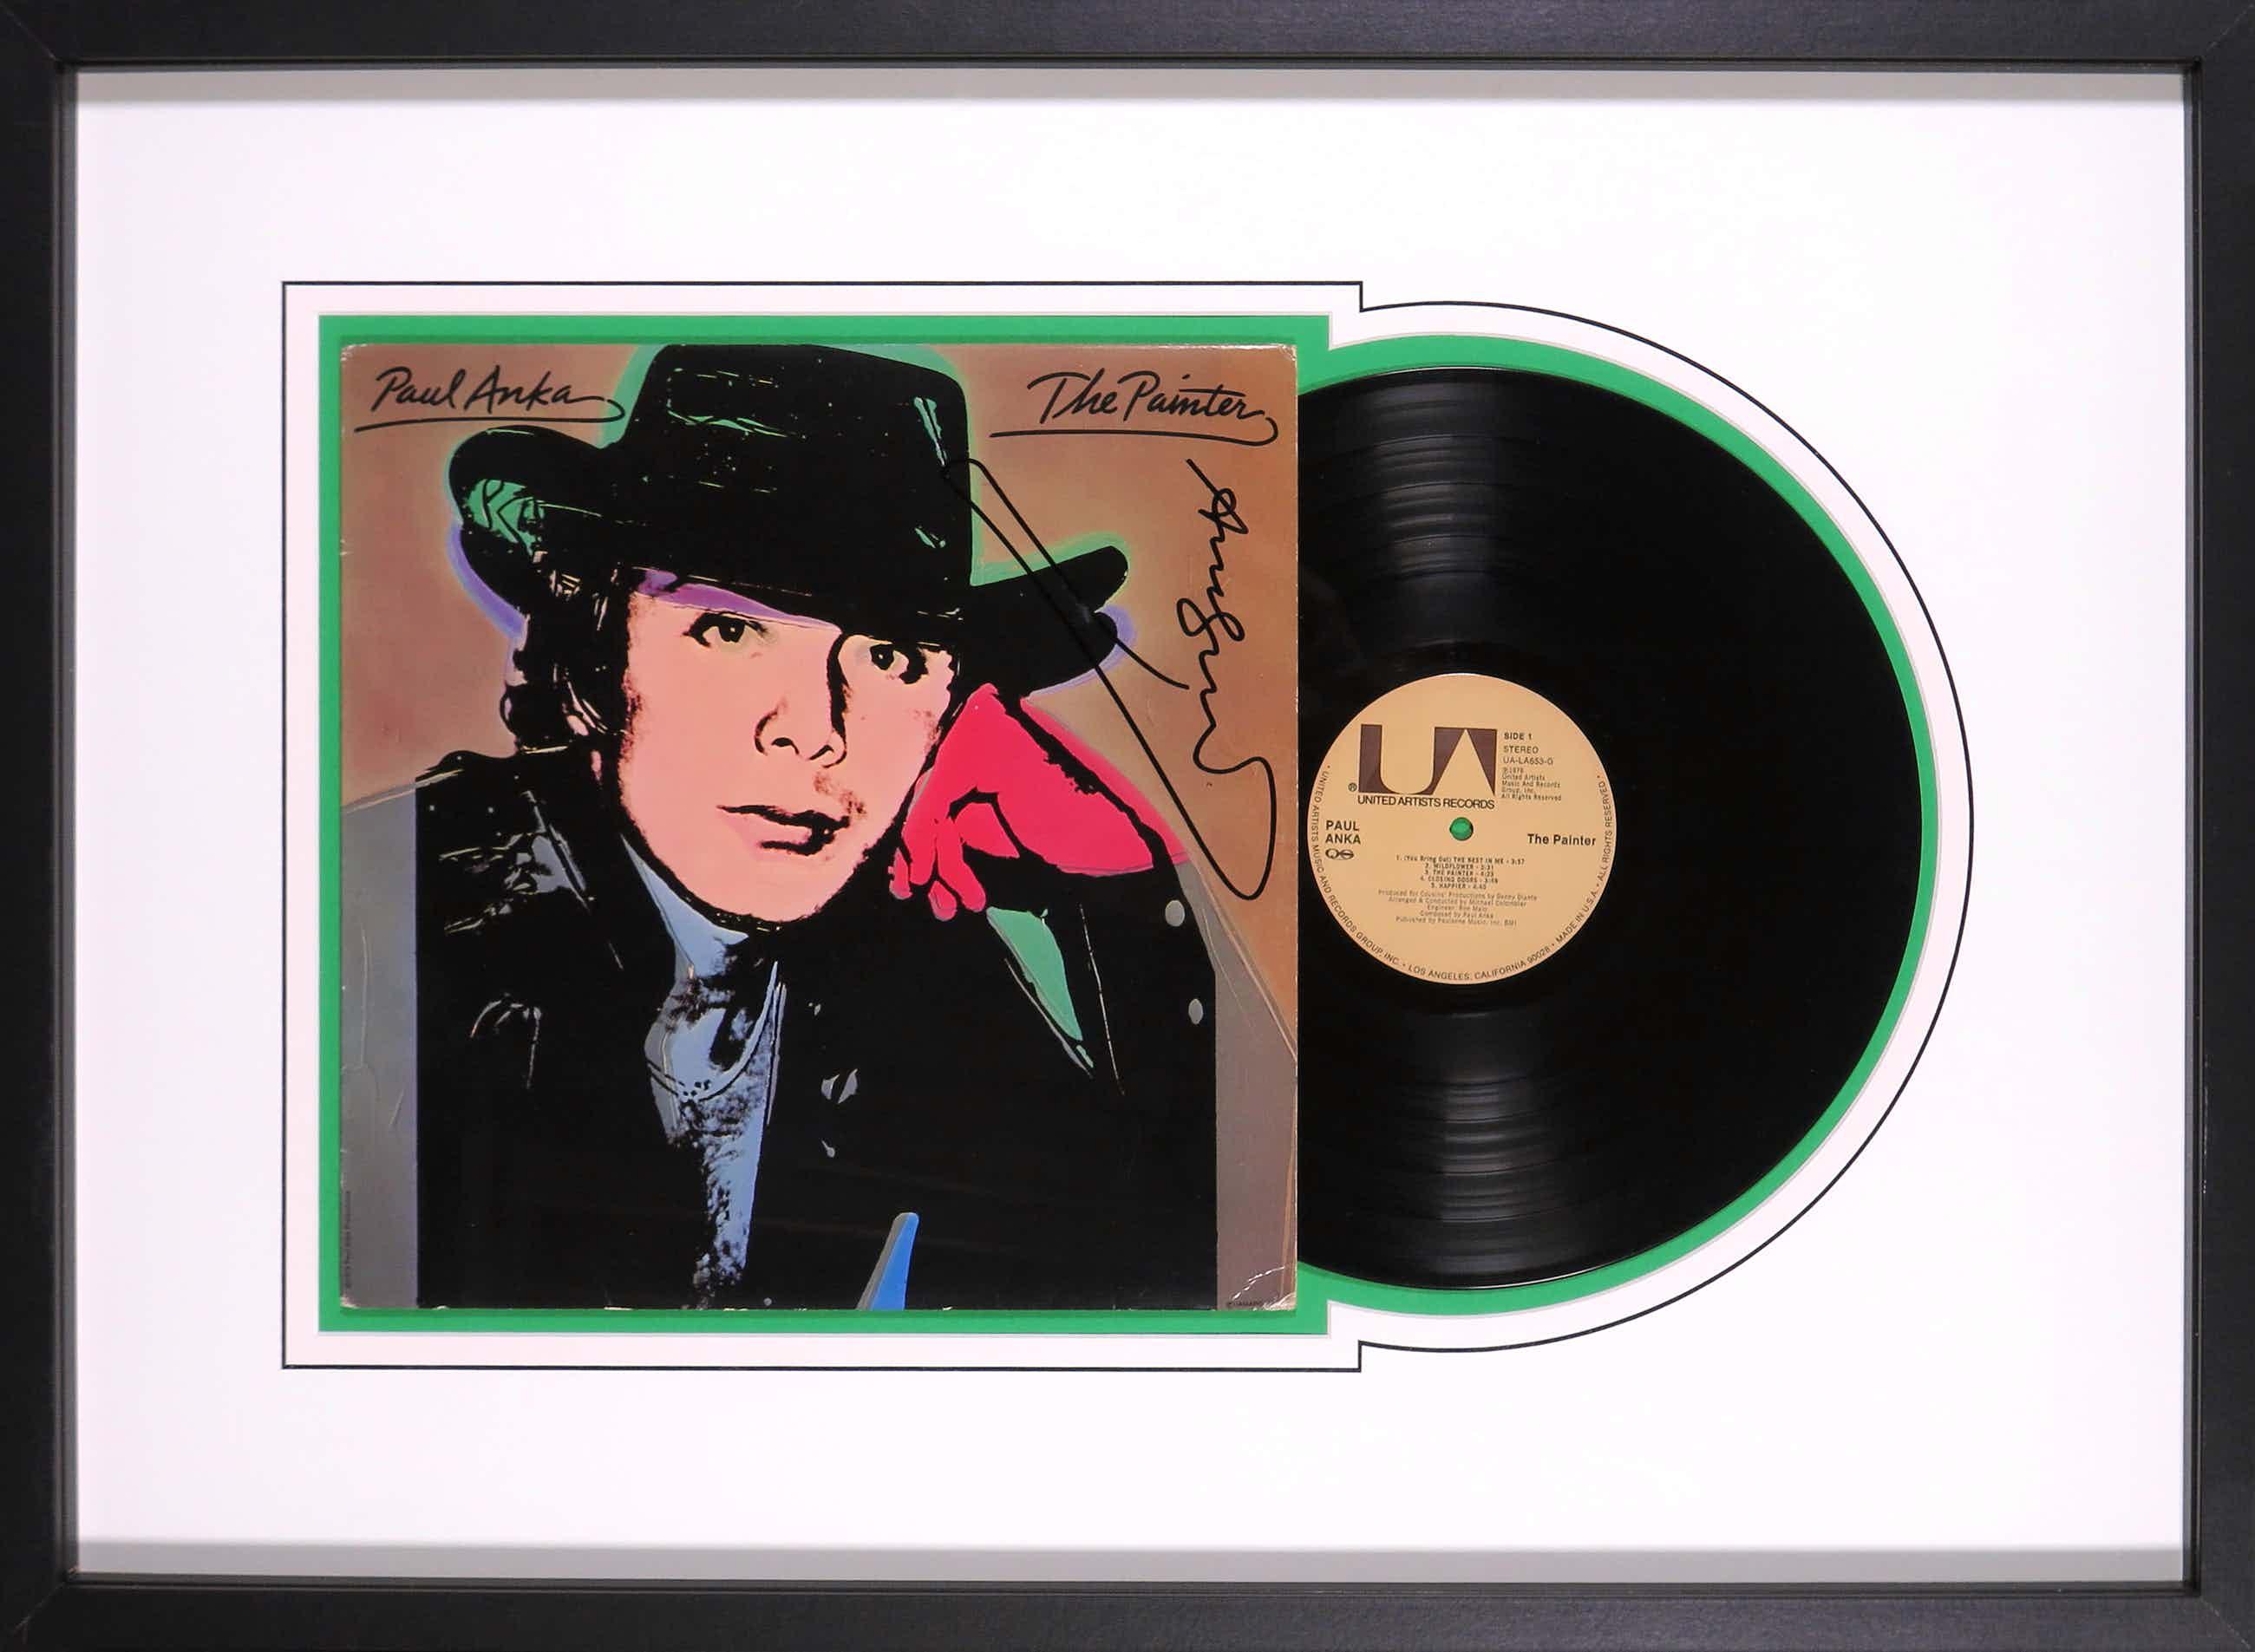 Andy Warhol - Paul Anka & The Painter - Handgesigneerd album - Ingelijst kopen? Bied vanaf 455!